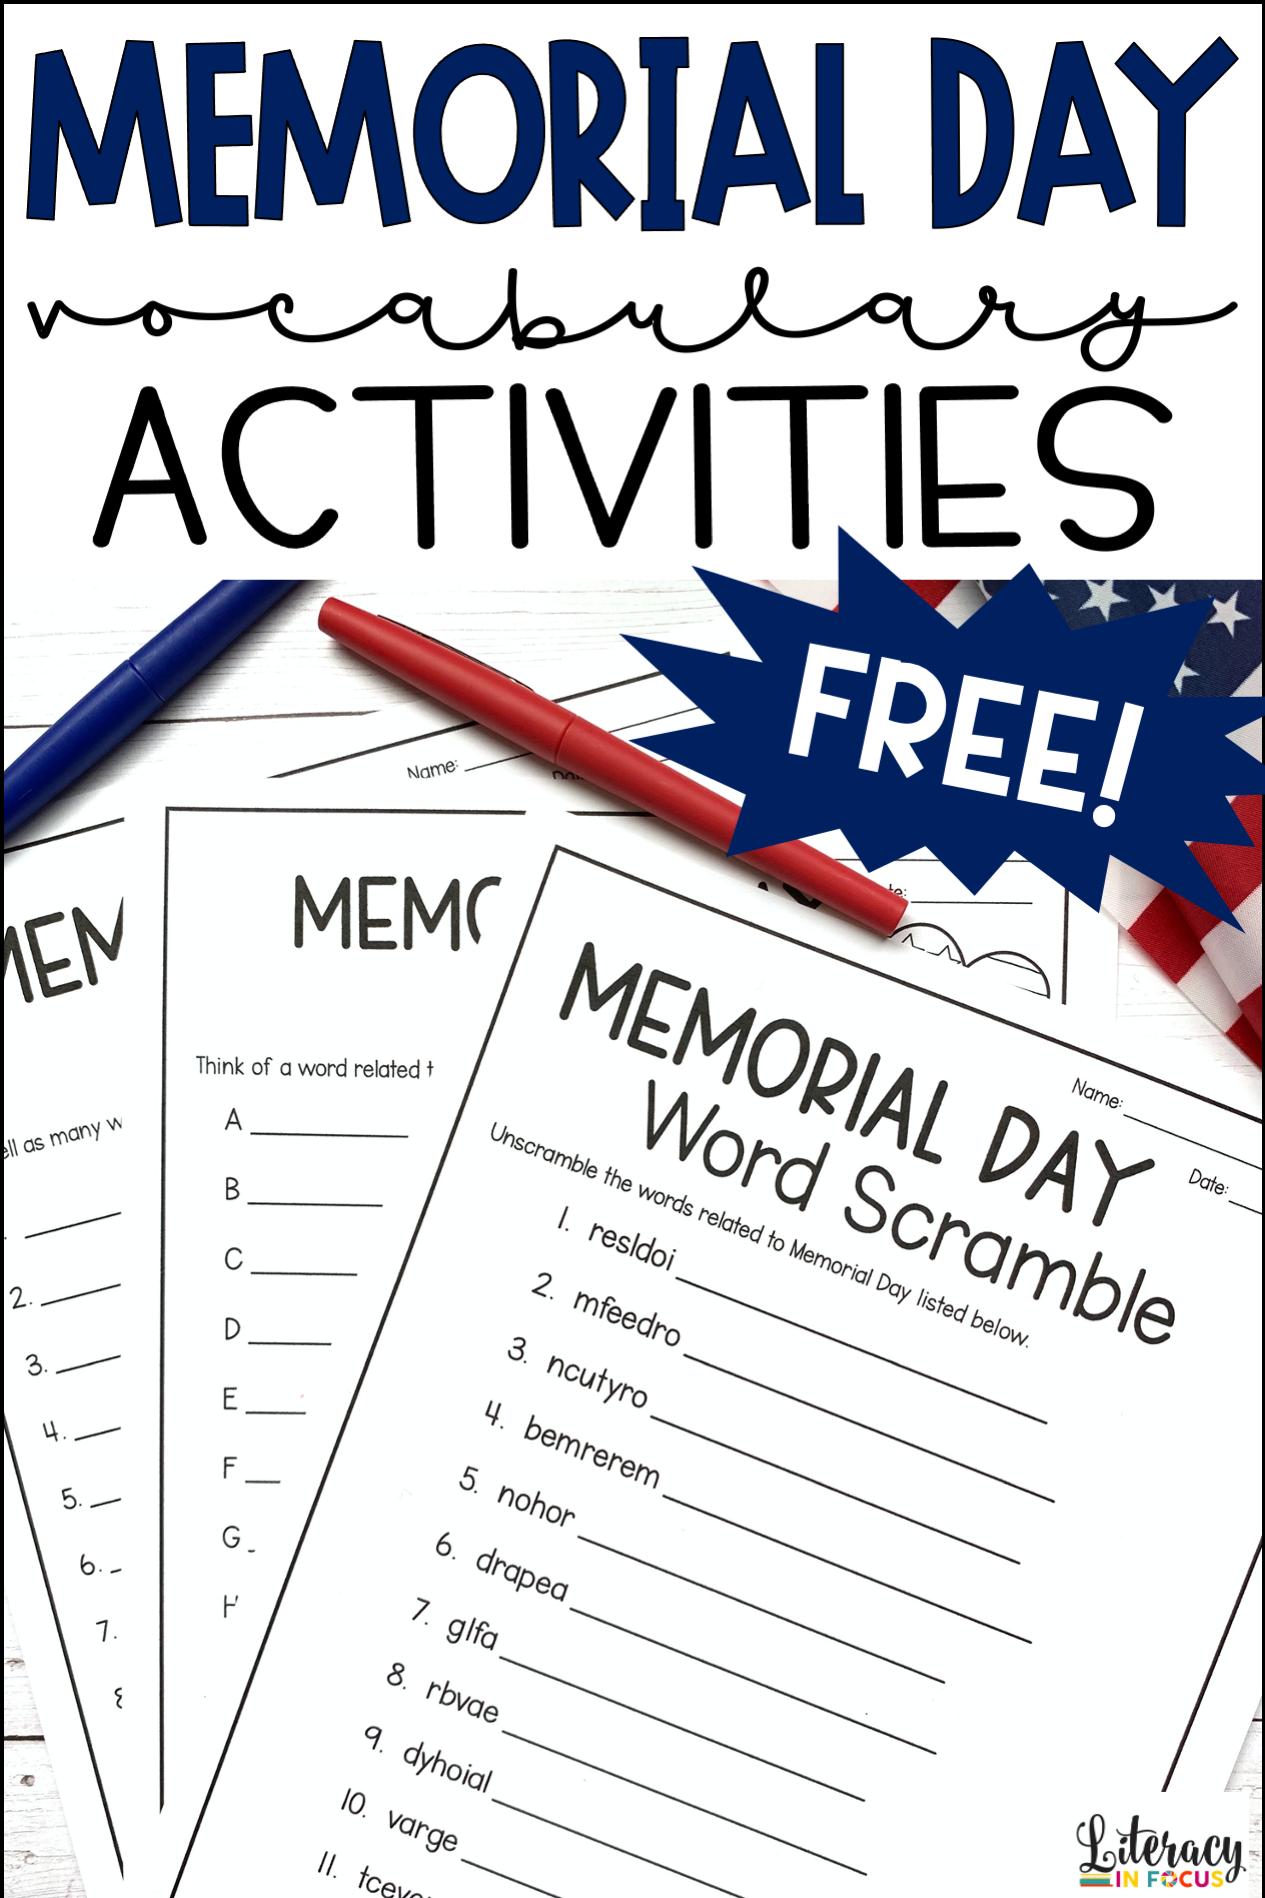 Free Memorial Day Vocabulary Activities Memorial Day Activities Vocabulary Activities Word Games [ 1898 x 1265 Pixel ]